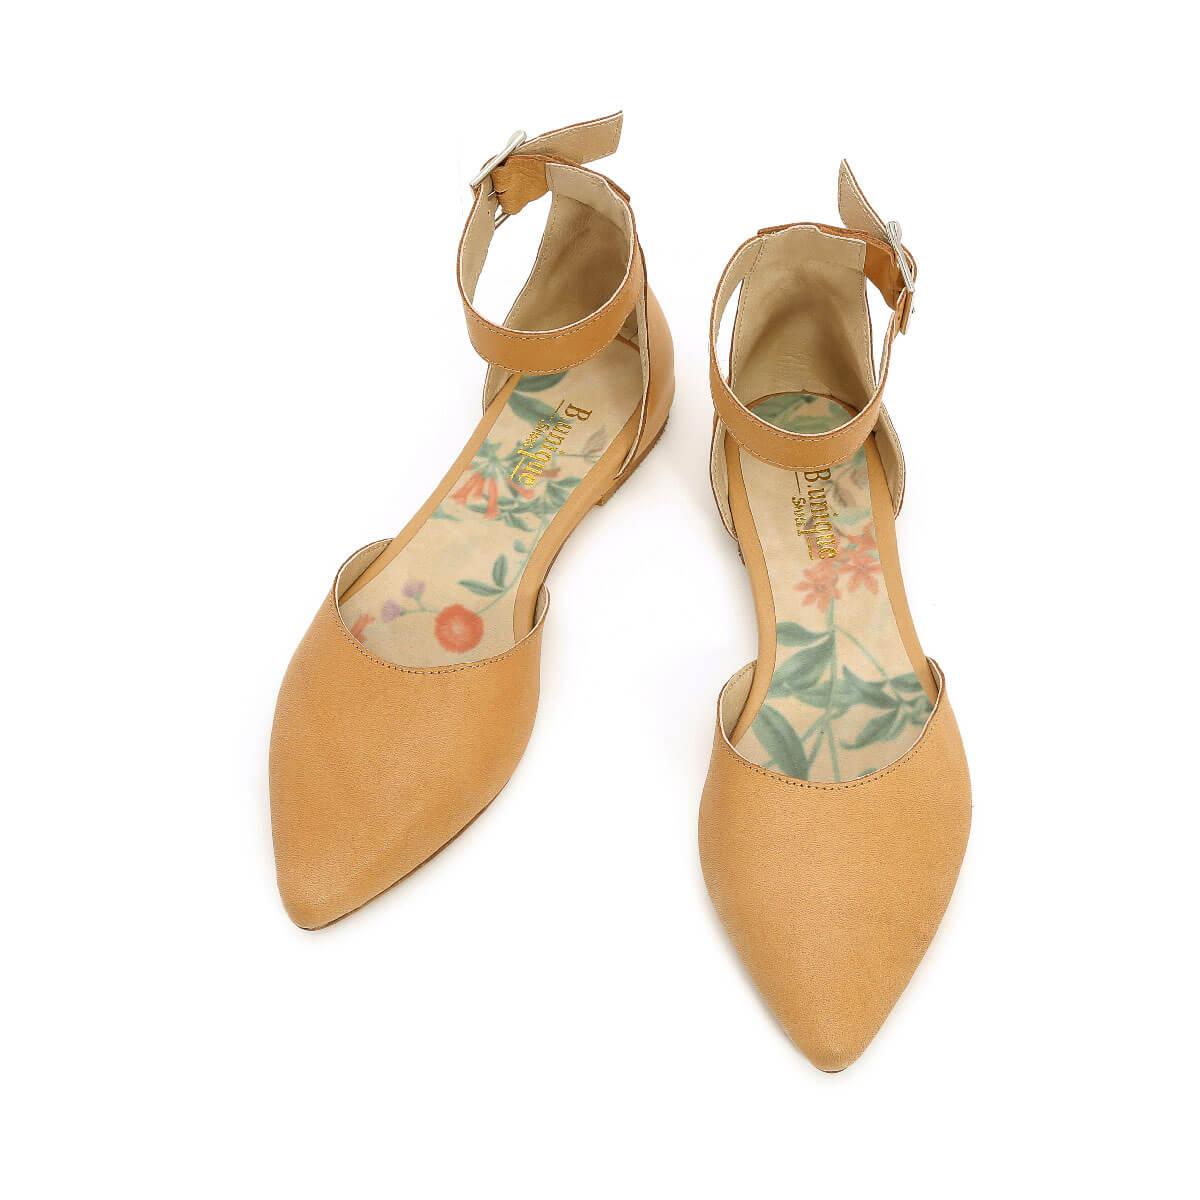 דגם מיקה: סנדלים בצבע קאמל